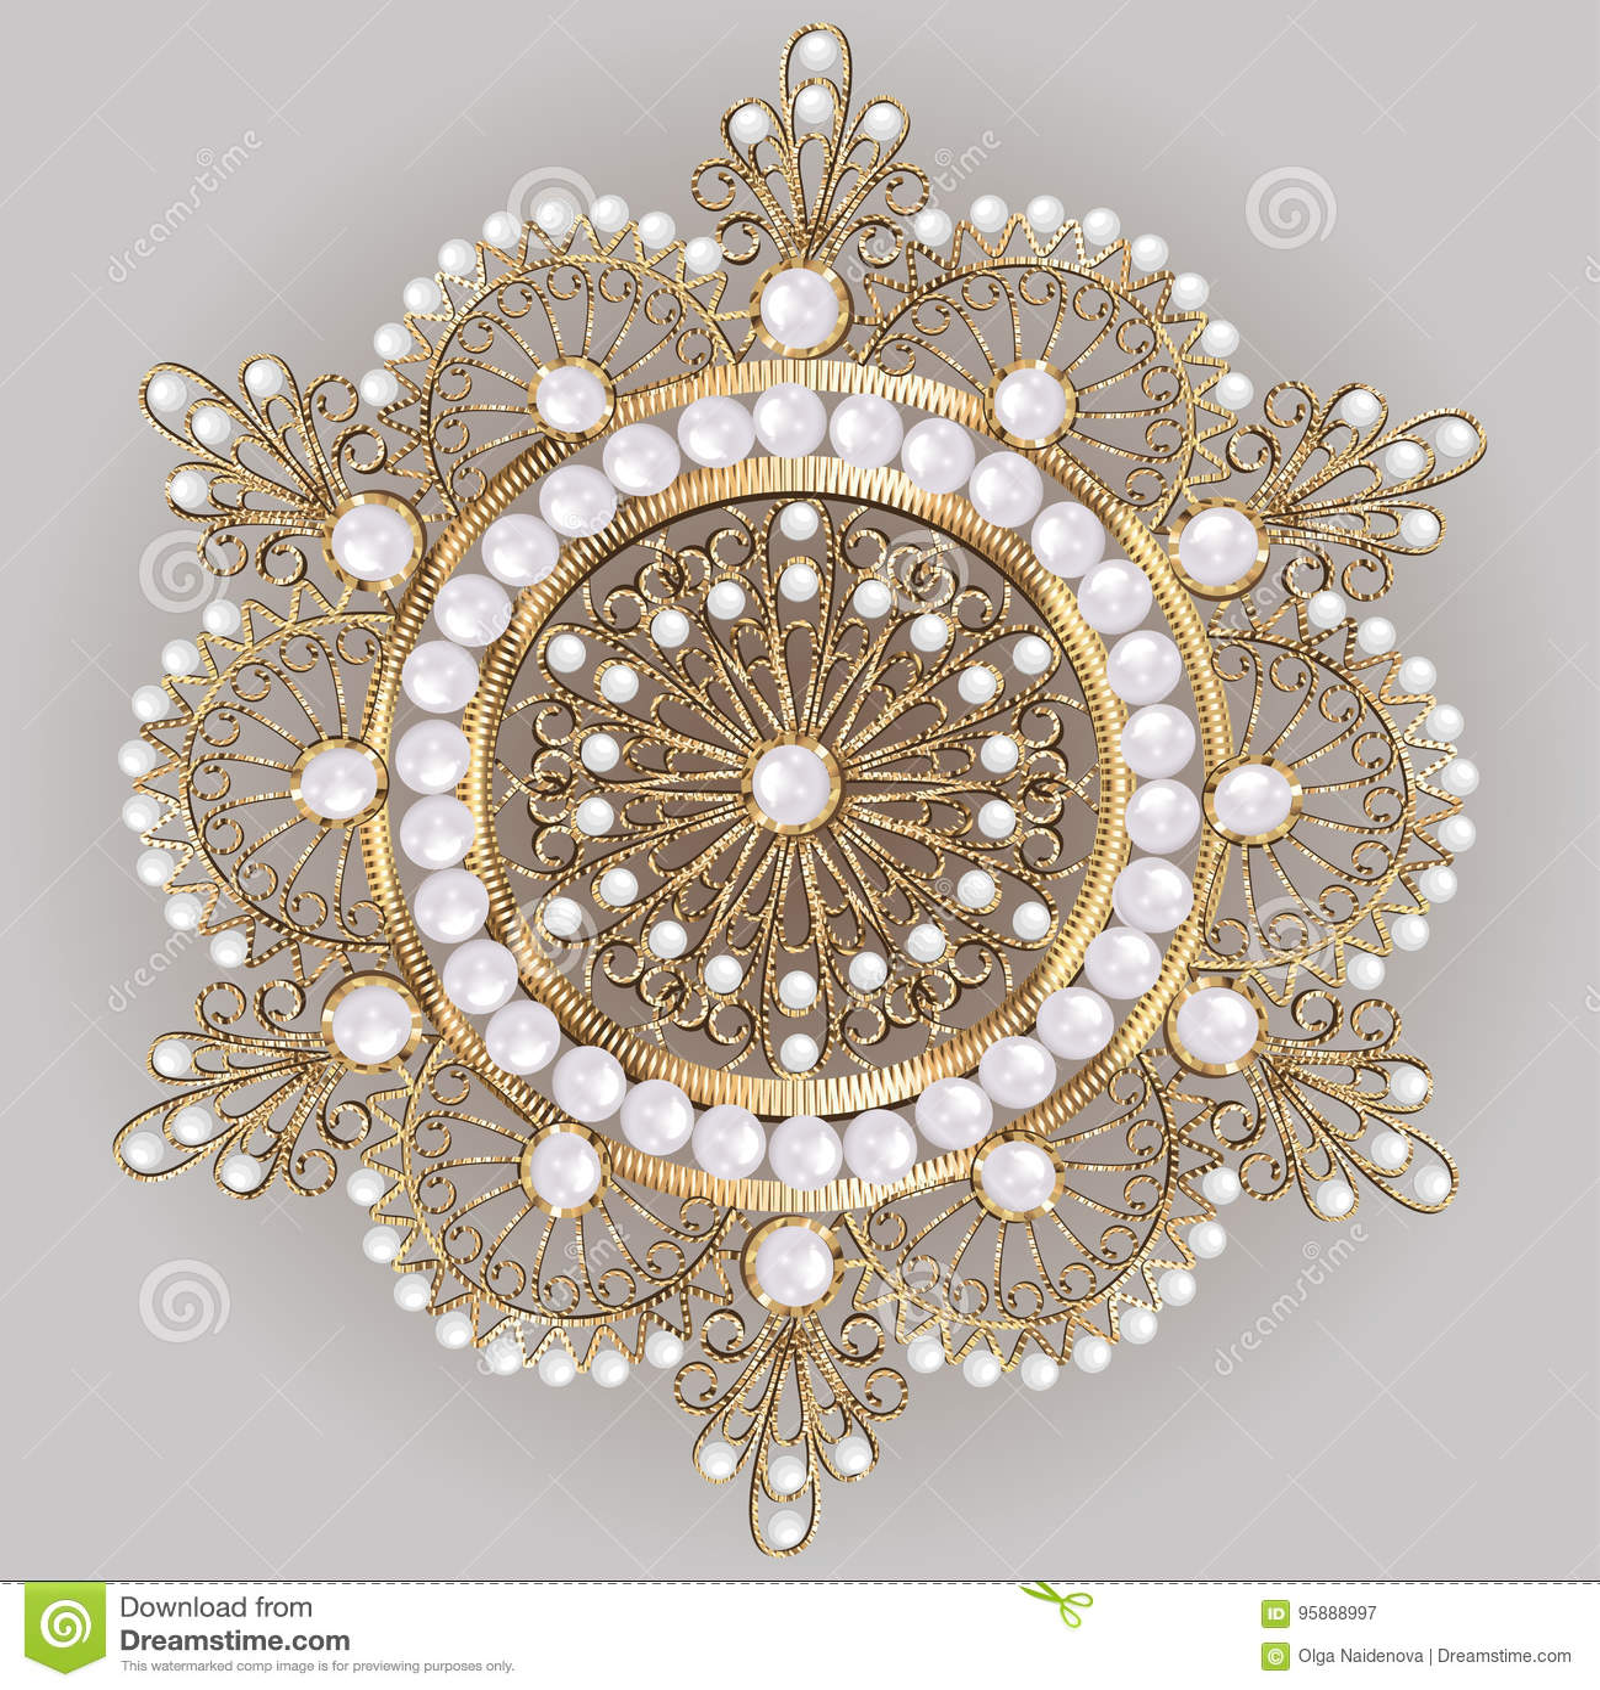 Pendente do broche com e pedras preciosas filigree